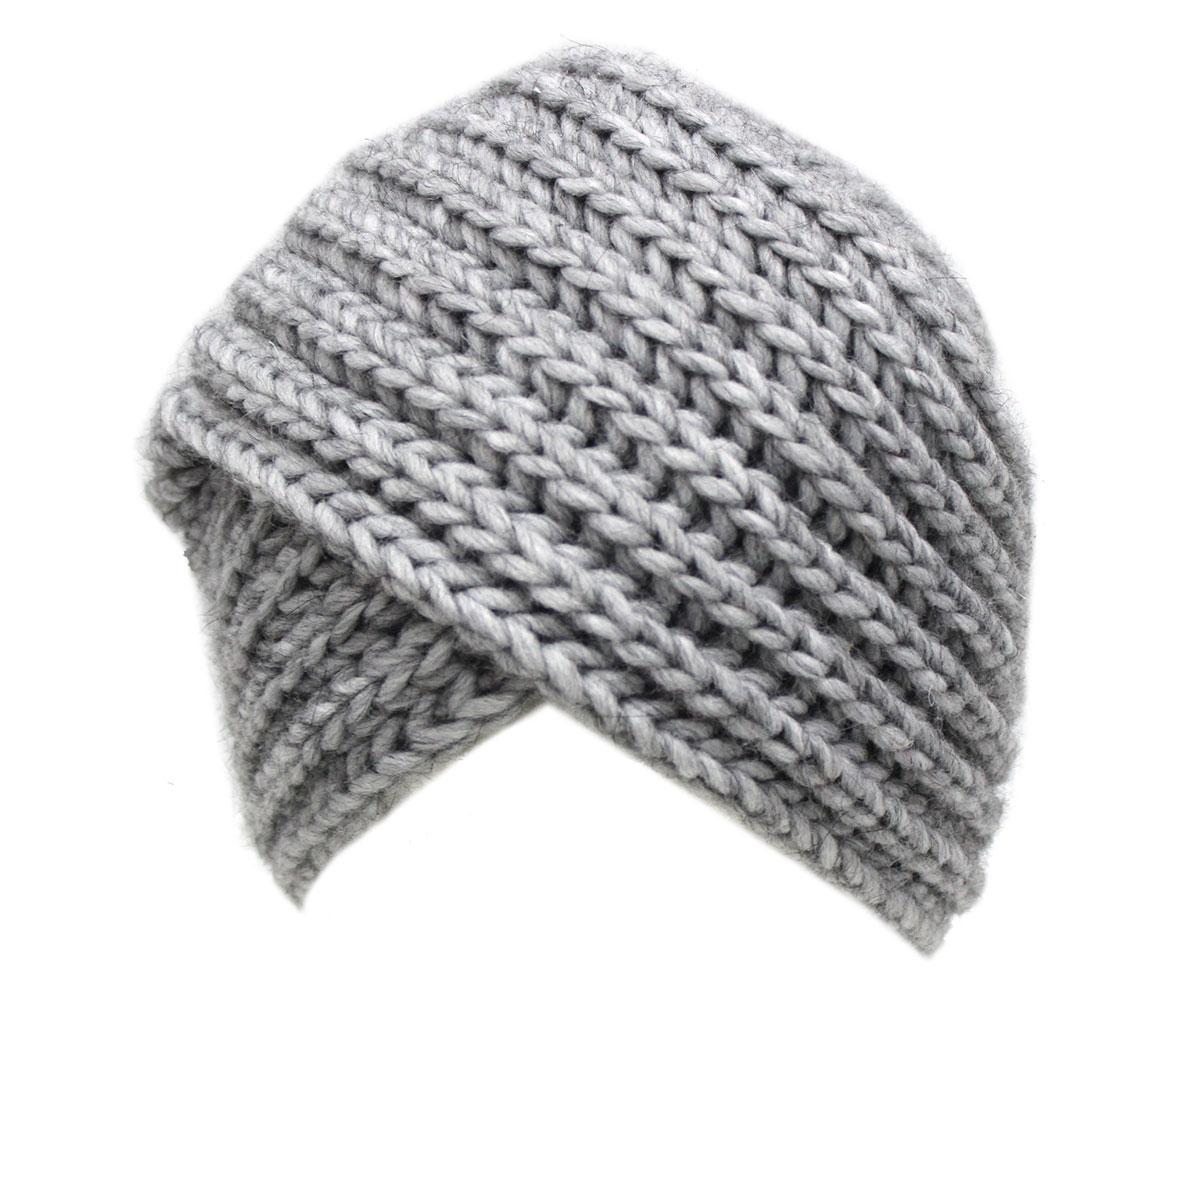 Cappello donna lana alpaca viscosa cuffia a maglia MADE IN ITALY M1621 perla fba978872266